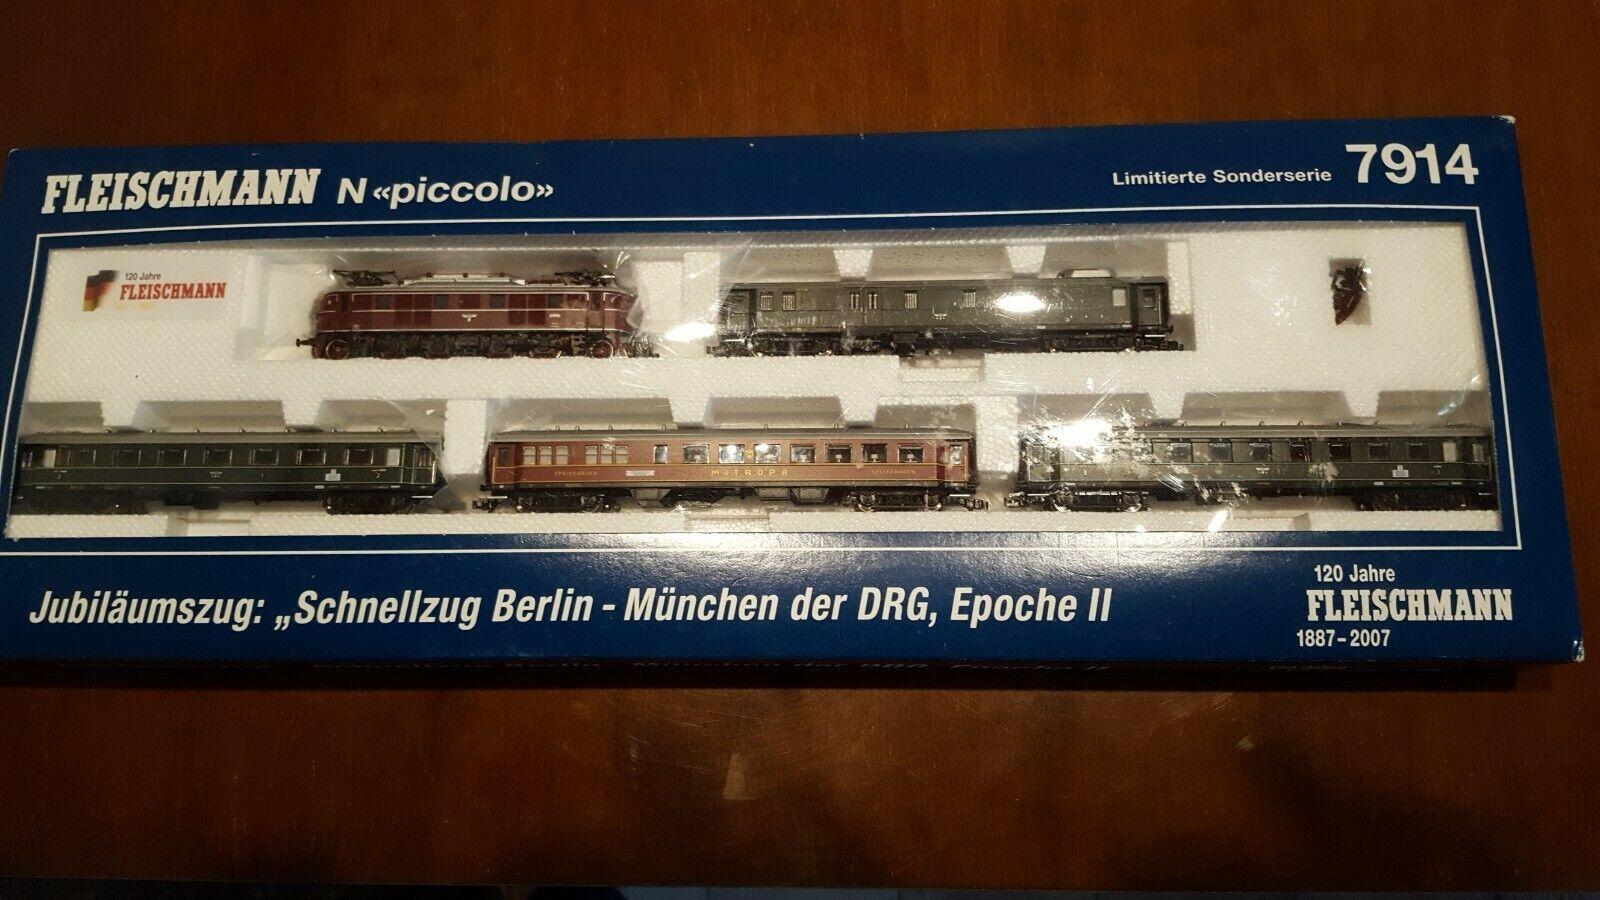 Fleischmann Piccolo N - 7914 - Jubiläumausgabe Schnellzugset Berlin-München.